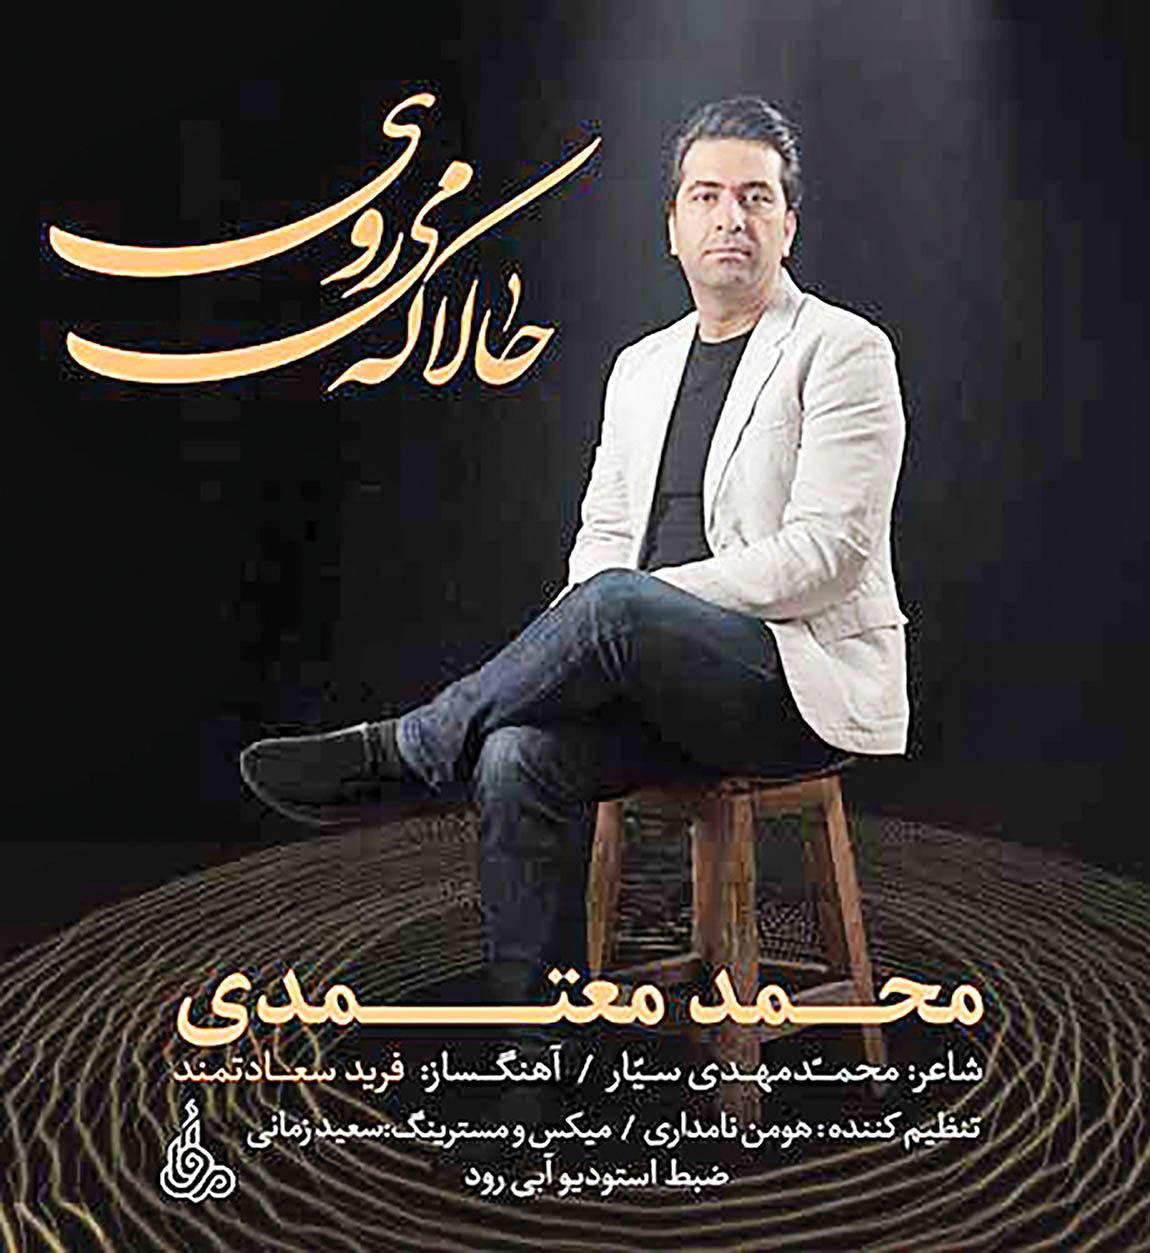 آلبوم جدید محمد معتمدی در راه بازار